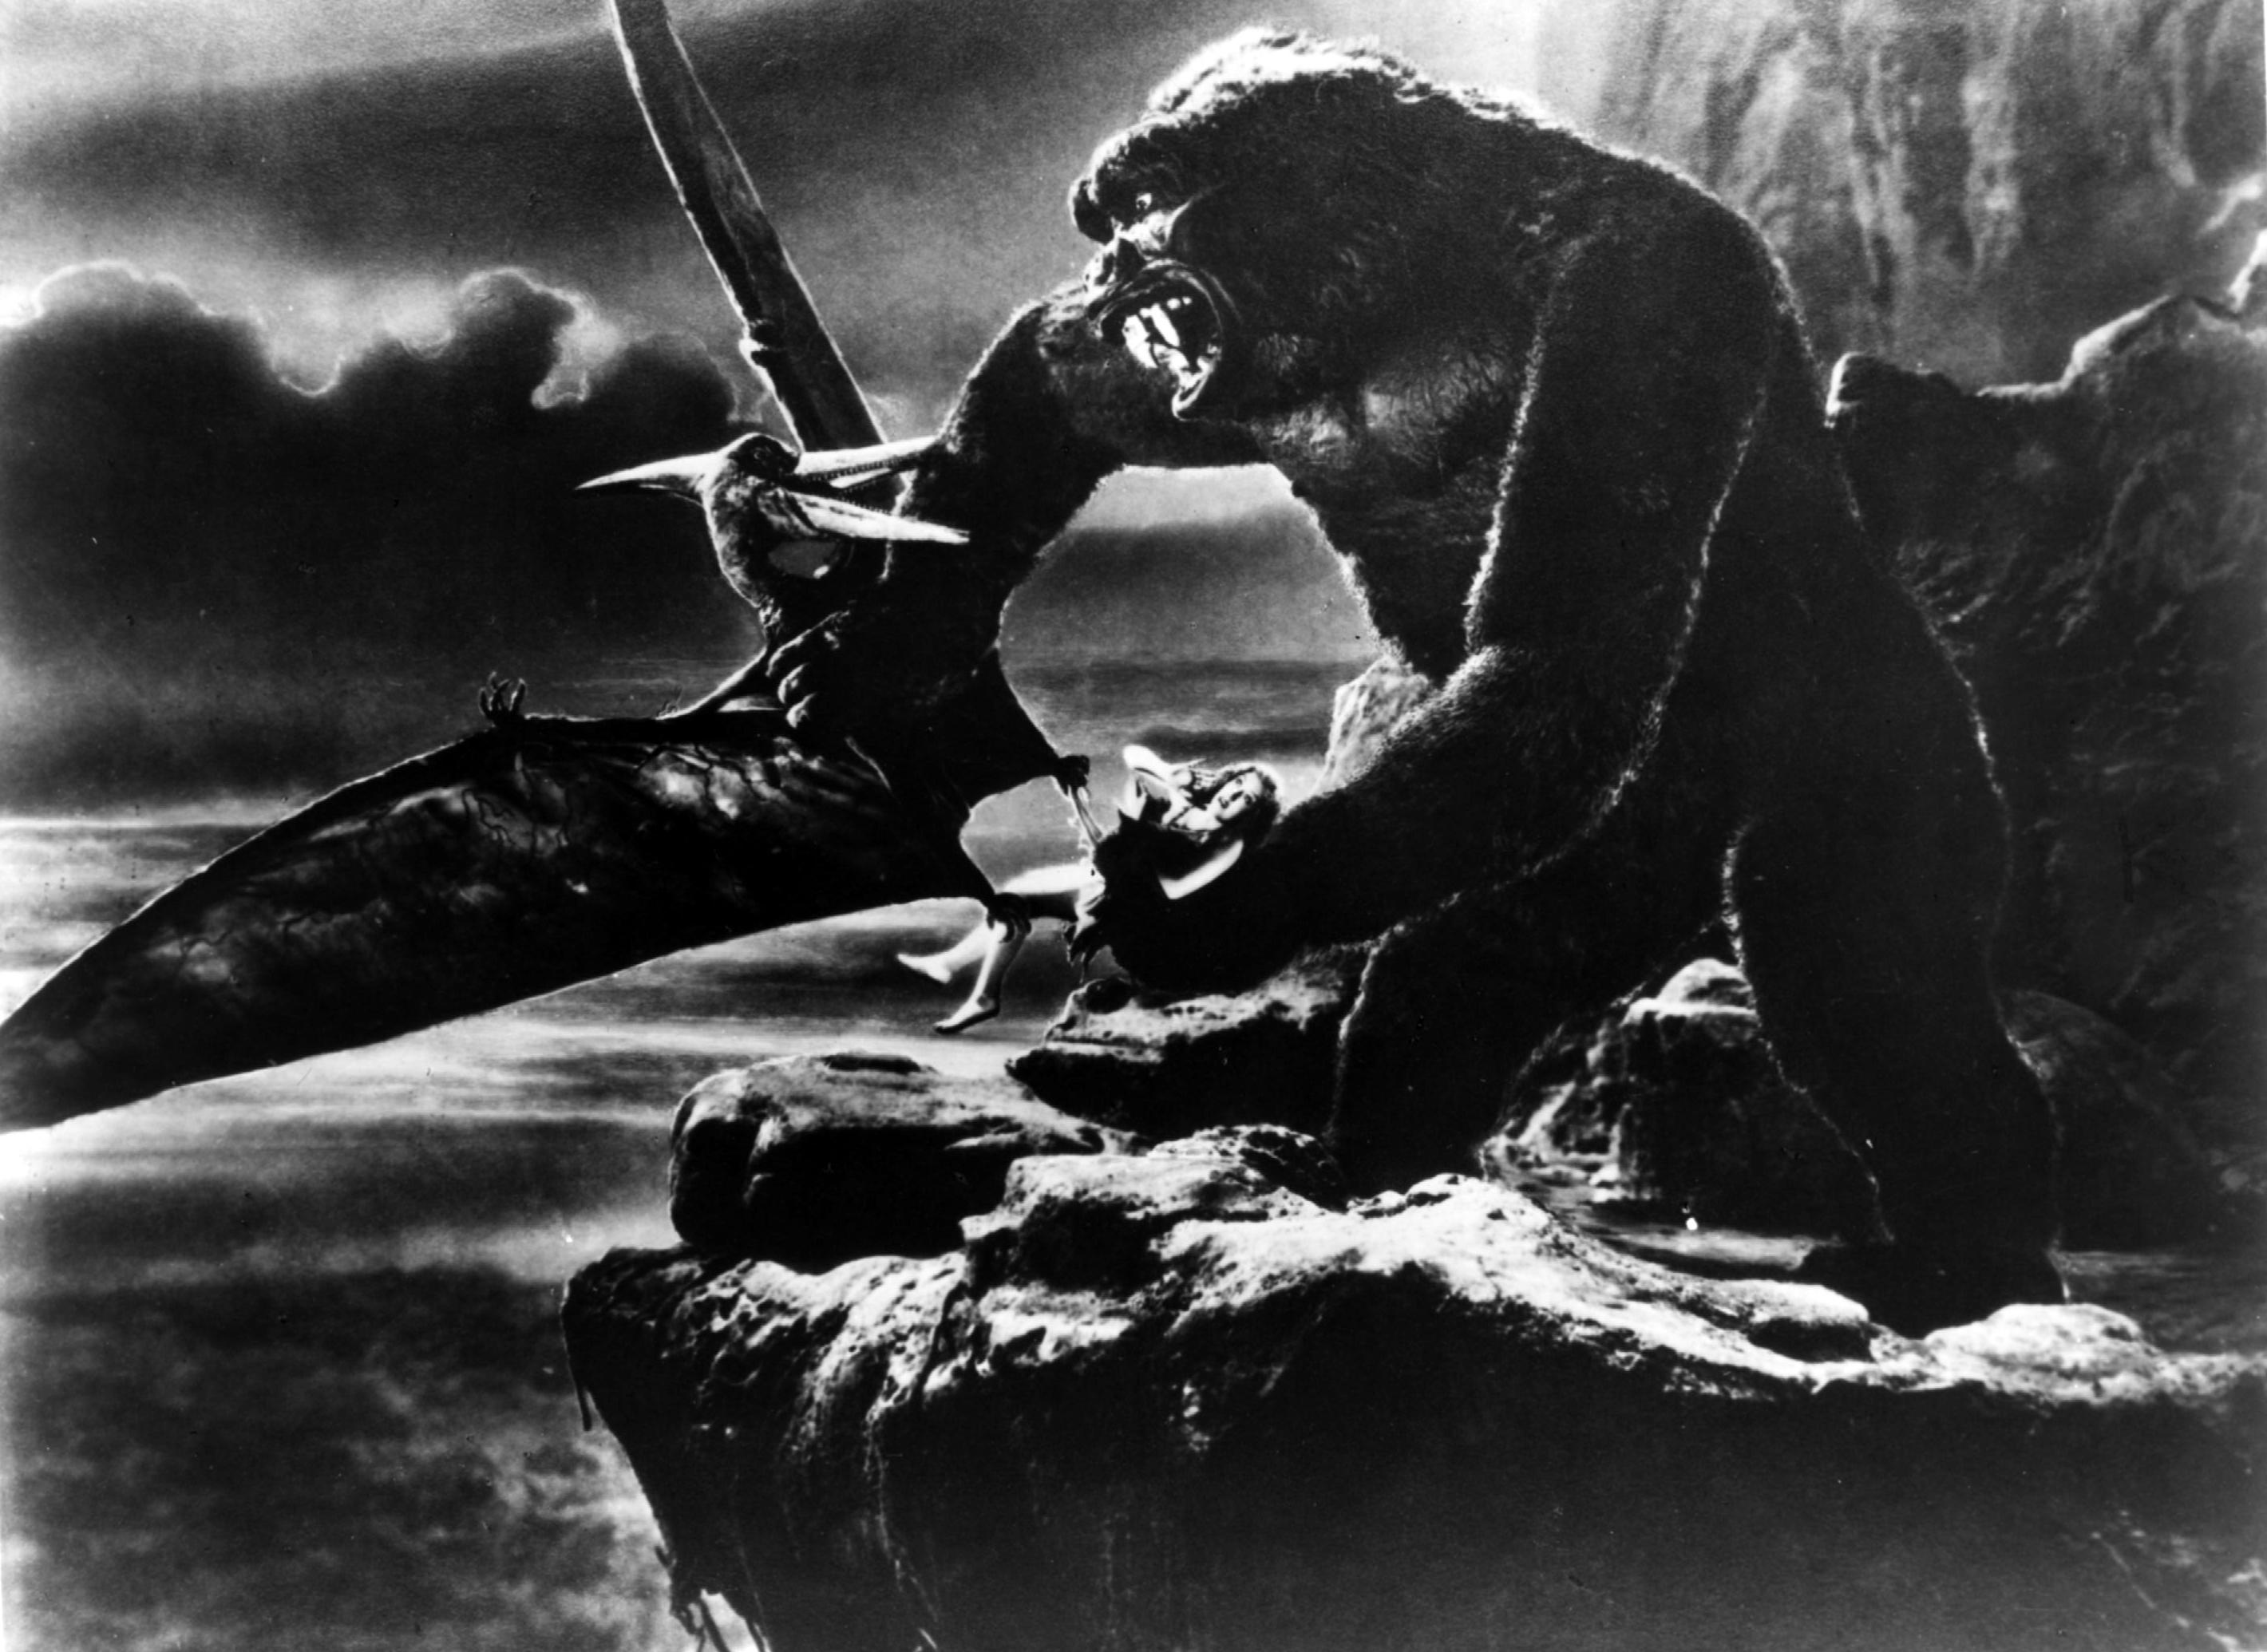 Wray and King Kong